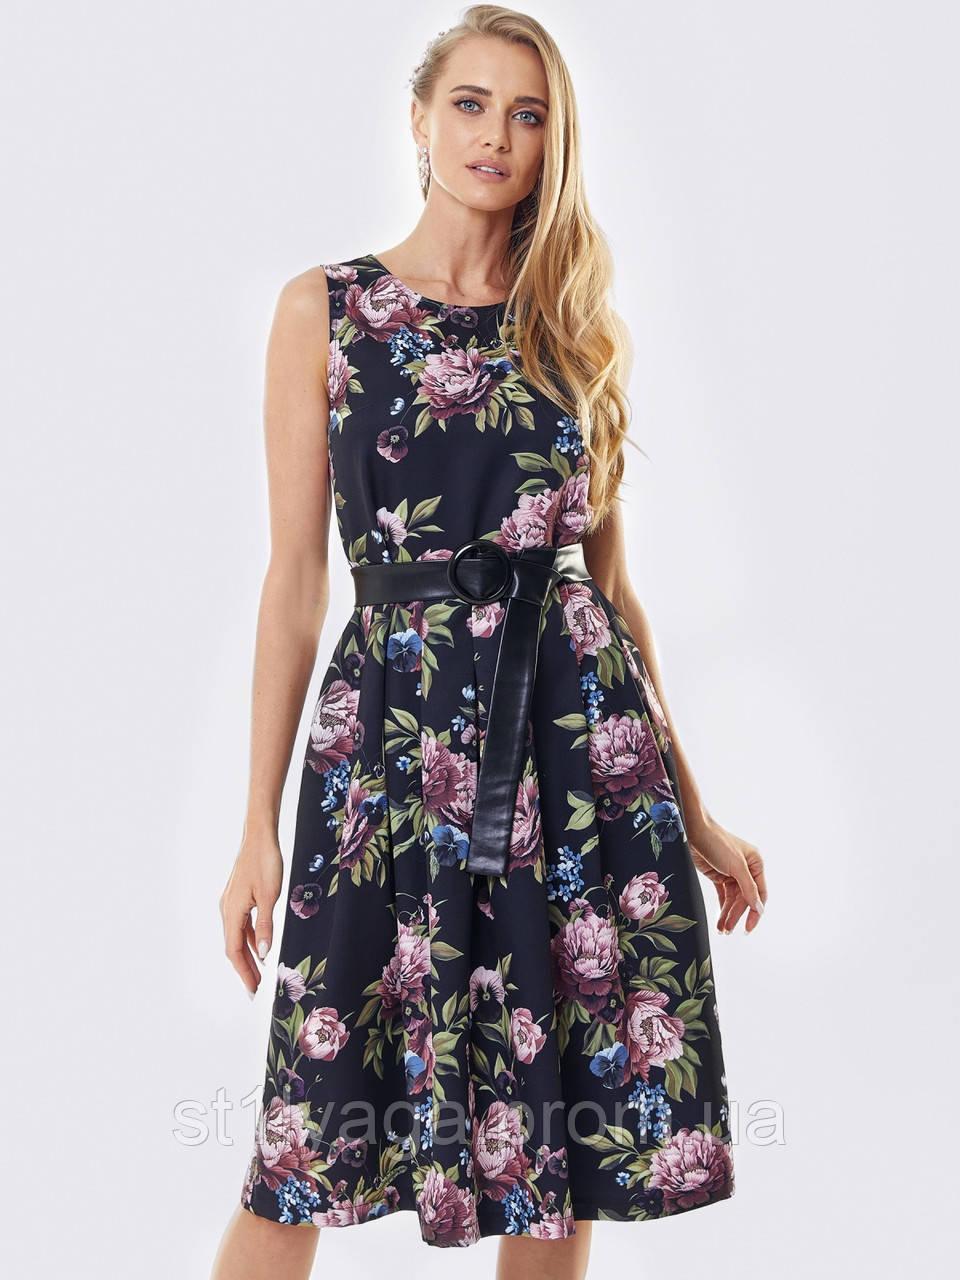 Прінтована плаття без рукавів в квітковому принте чорне